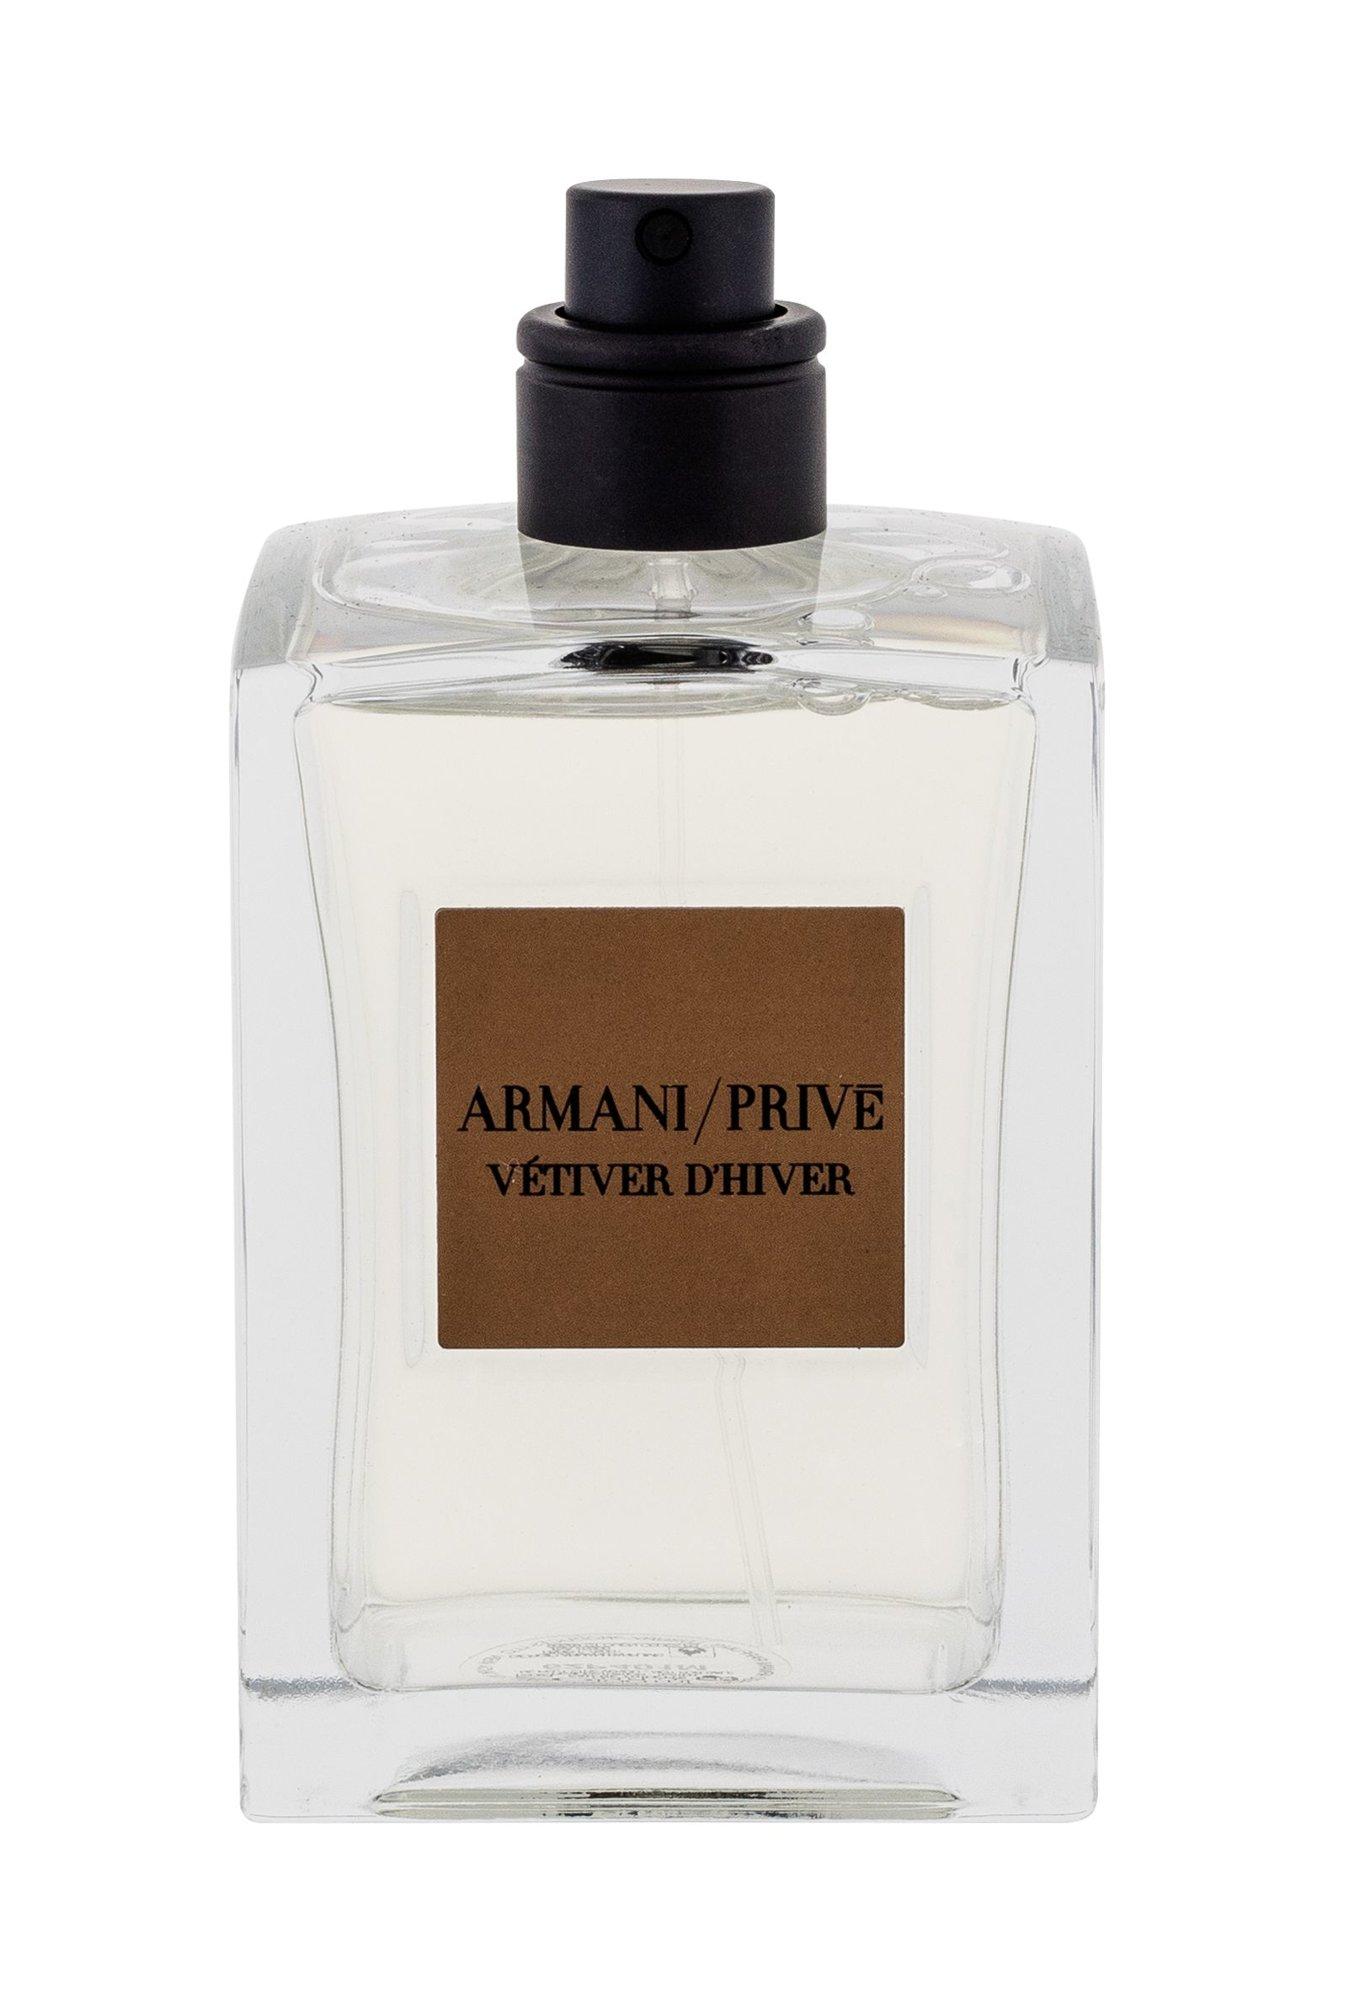 Armani Privé Vetiver d´Hiver Eau de Toilette 100ml